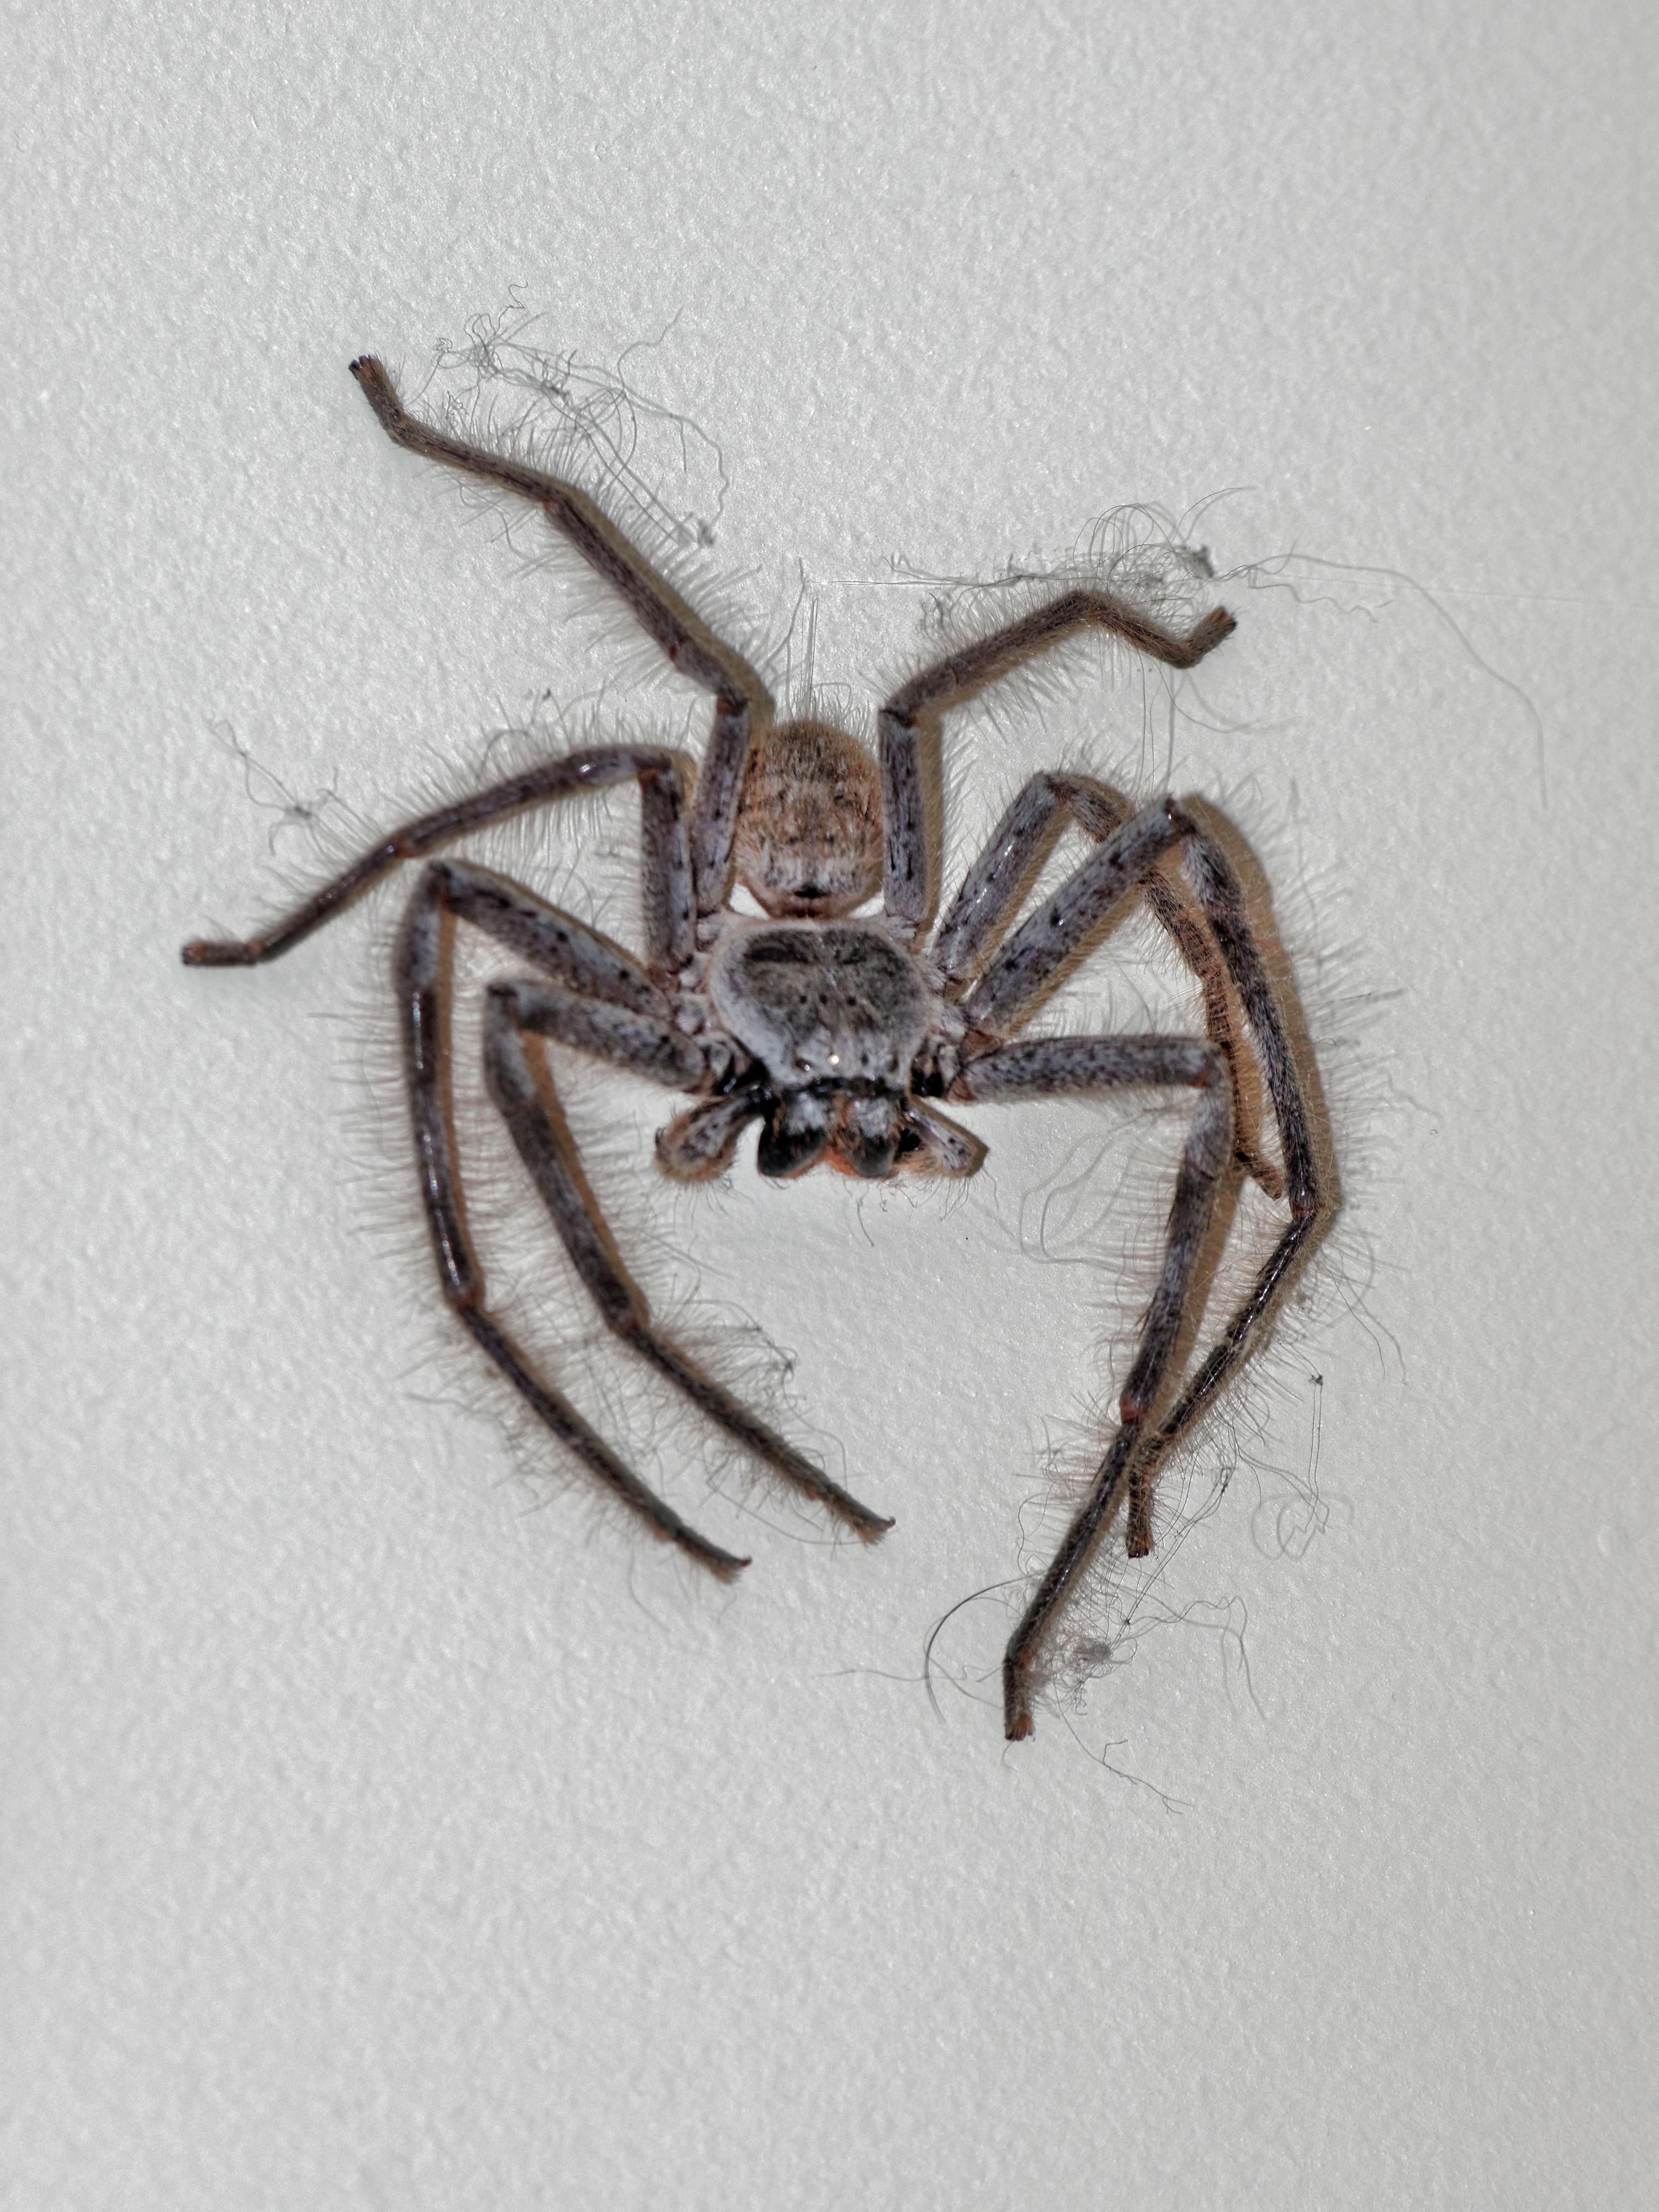 Huntsman-spider-1.jpeg